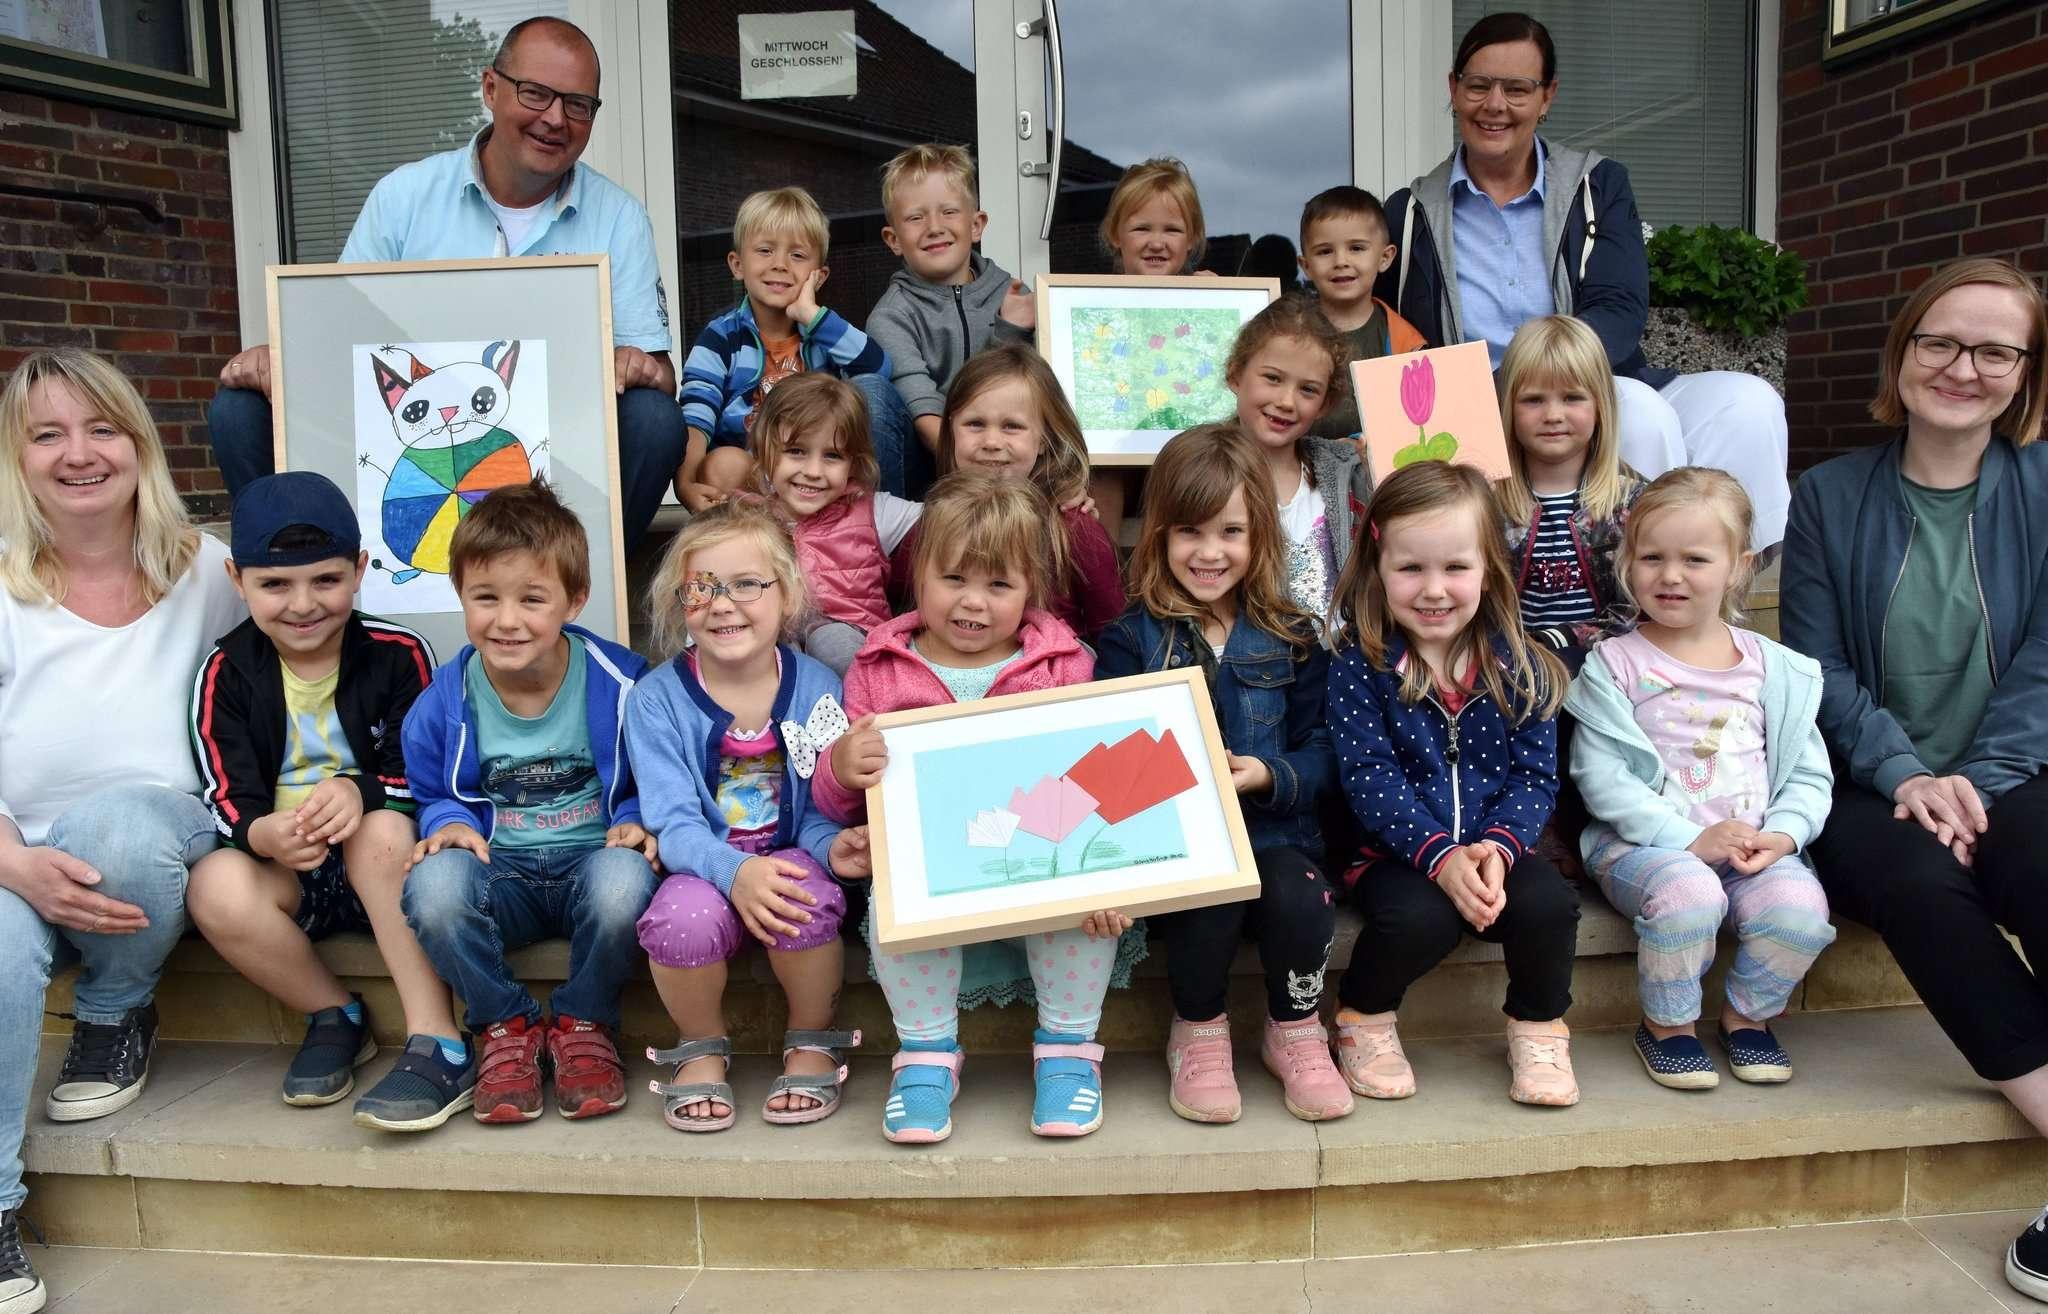 Eine Kindergartendelegation überreichte ihre Kunstwerke an Samtgemeindebürgermeister Stefan Tiemann. Museumsleiterin Kerstin Thölke (rechts vorne) begleitete die Malaktion. Foto: Heidrun Meyer